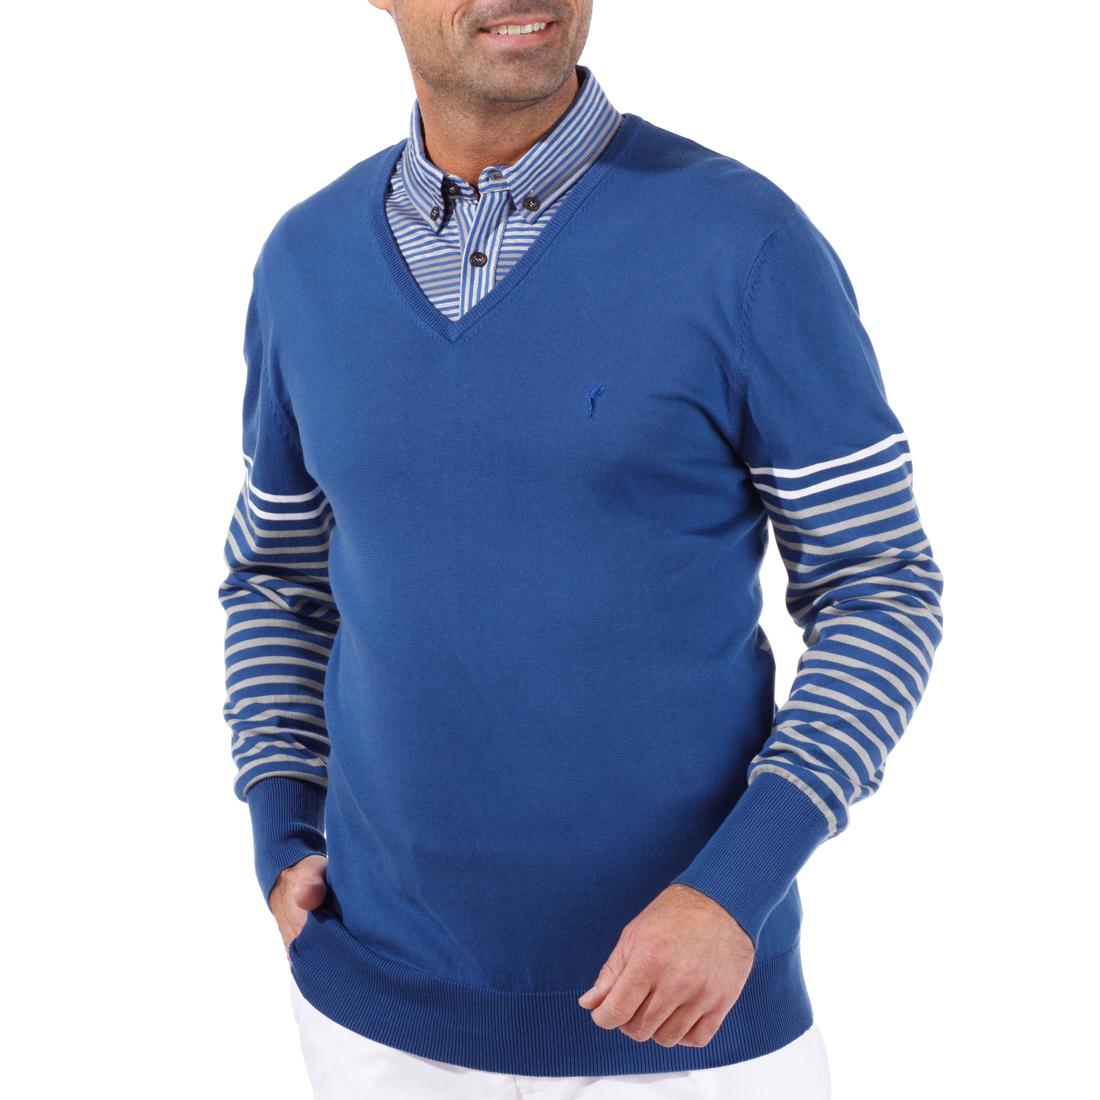 Pima-Baumwoll-Pullover mit V-Ausschnitt